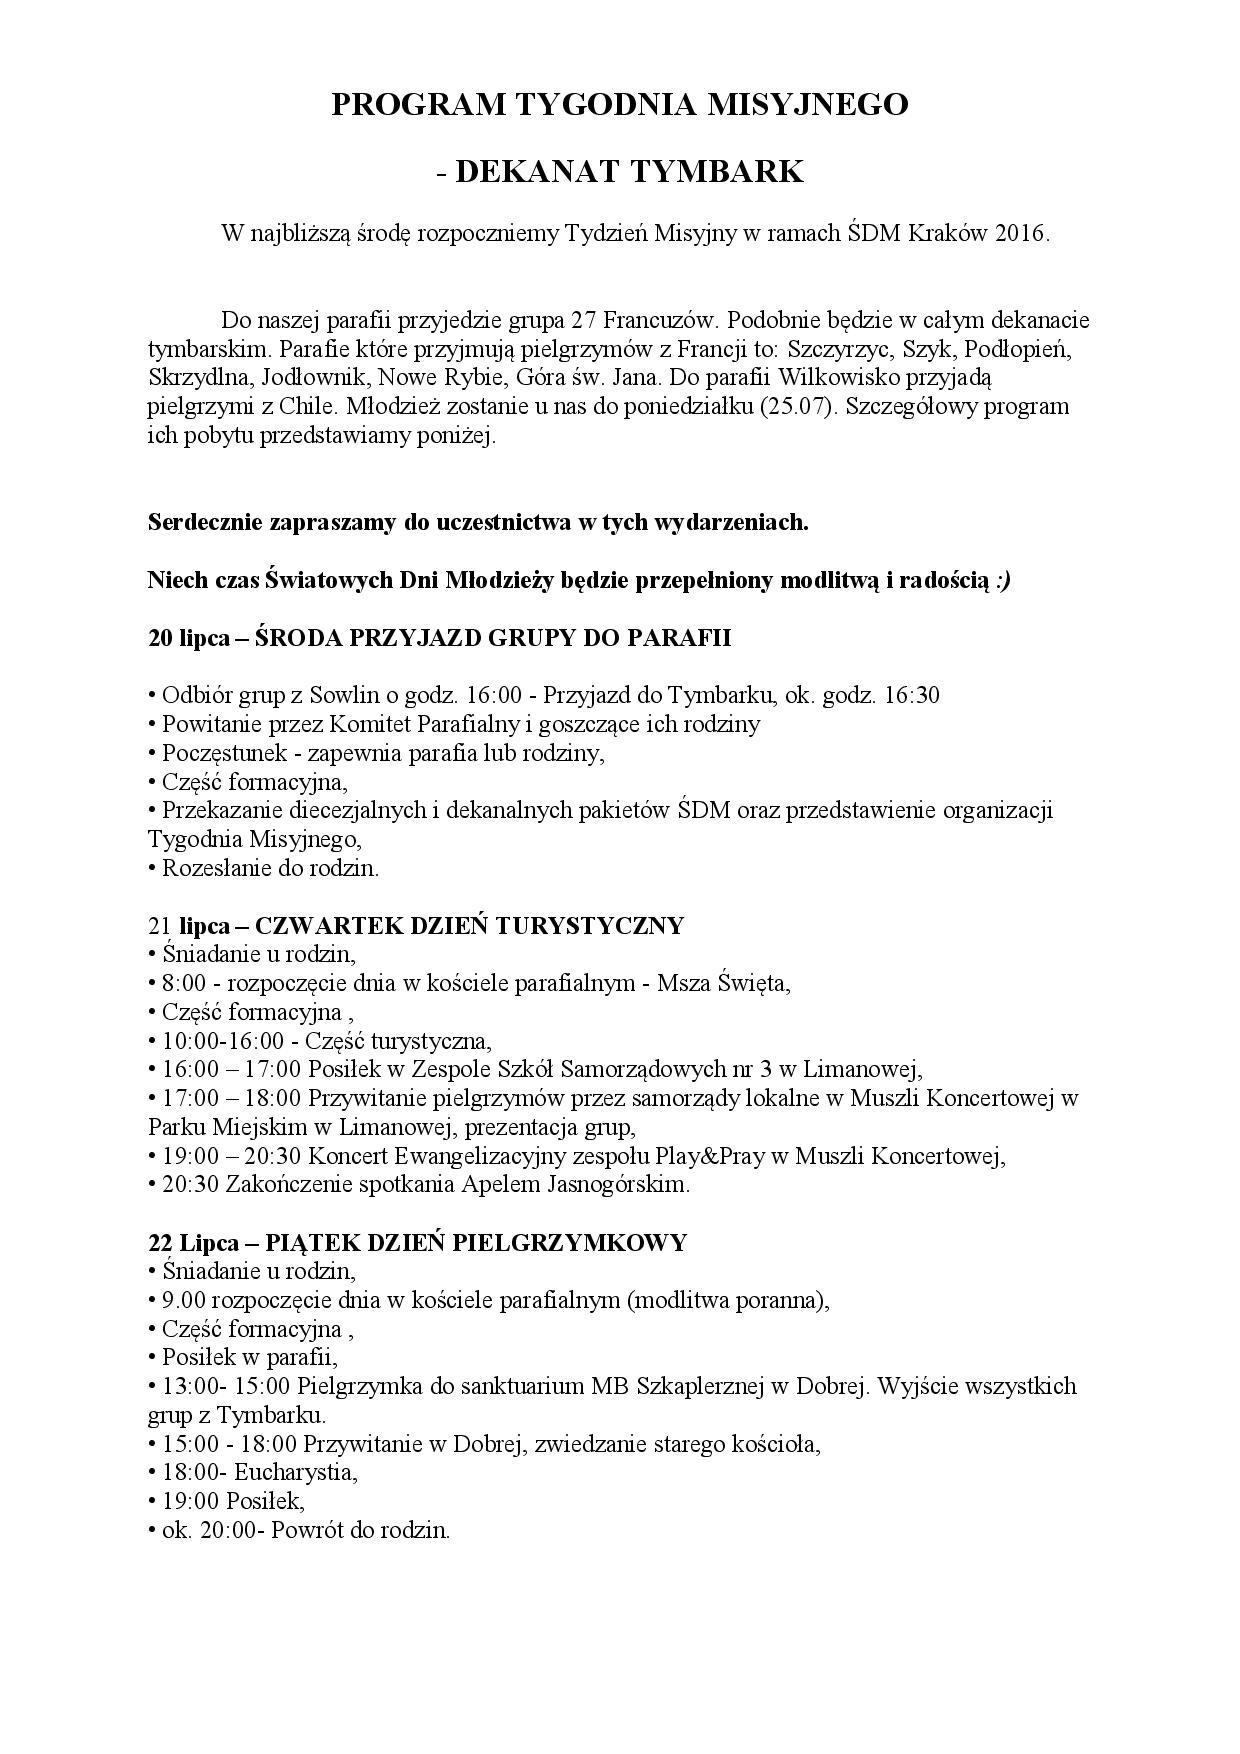 Tydzień misyjny_program na fb